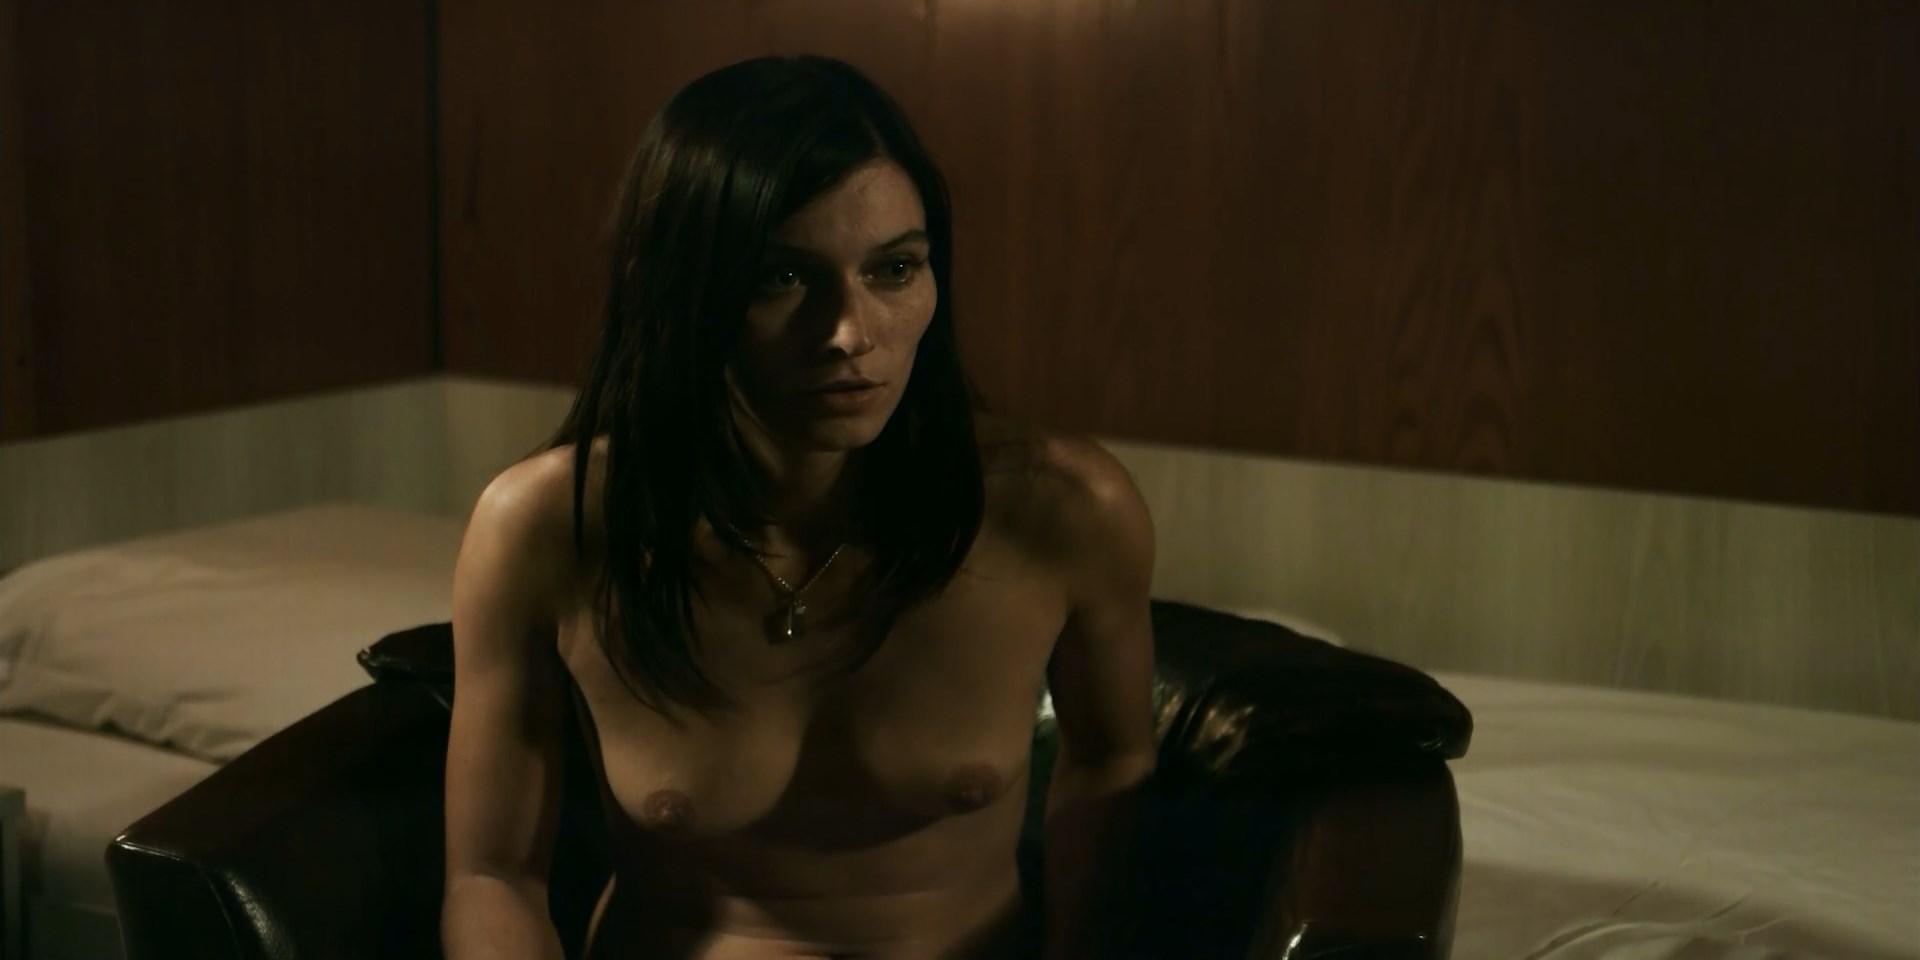 Film Celeb Porn nude video celebs » explicit